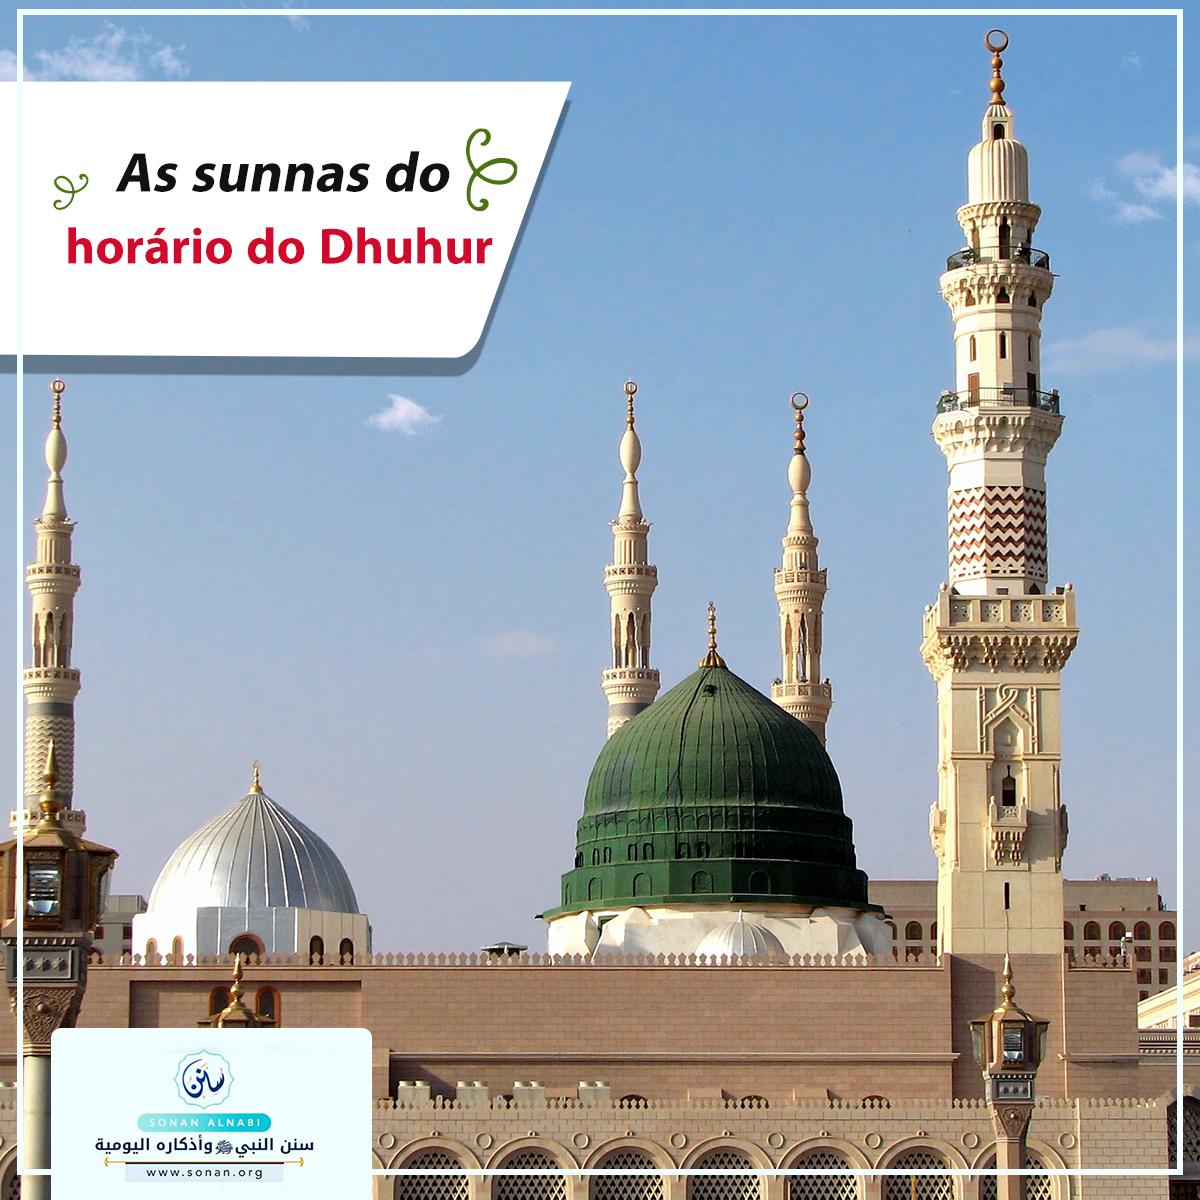 As sunnas do horário do Dhuhur.